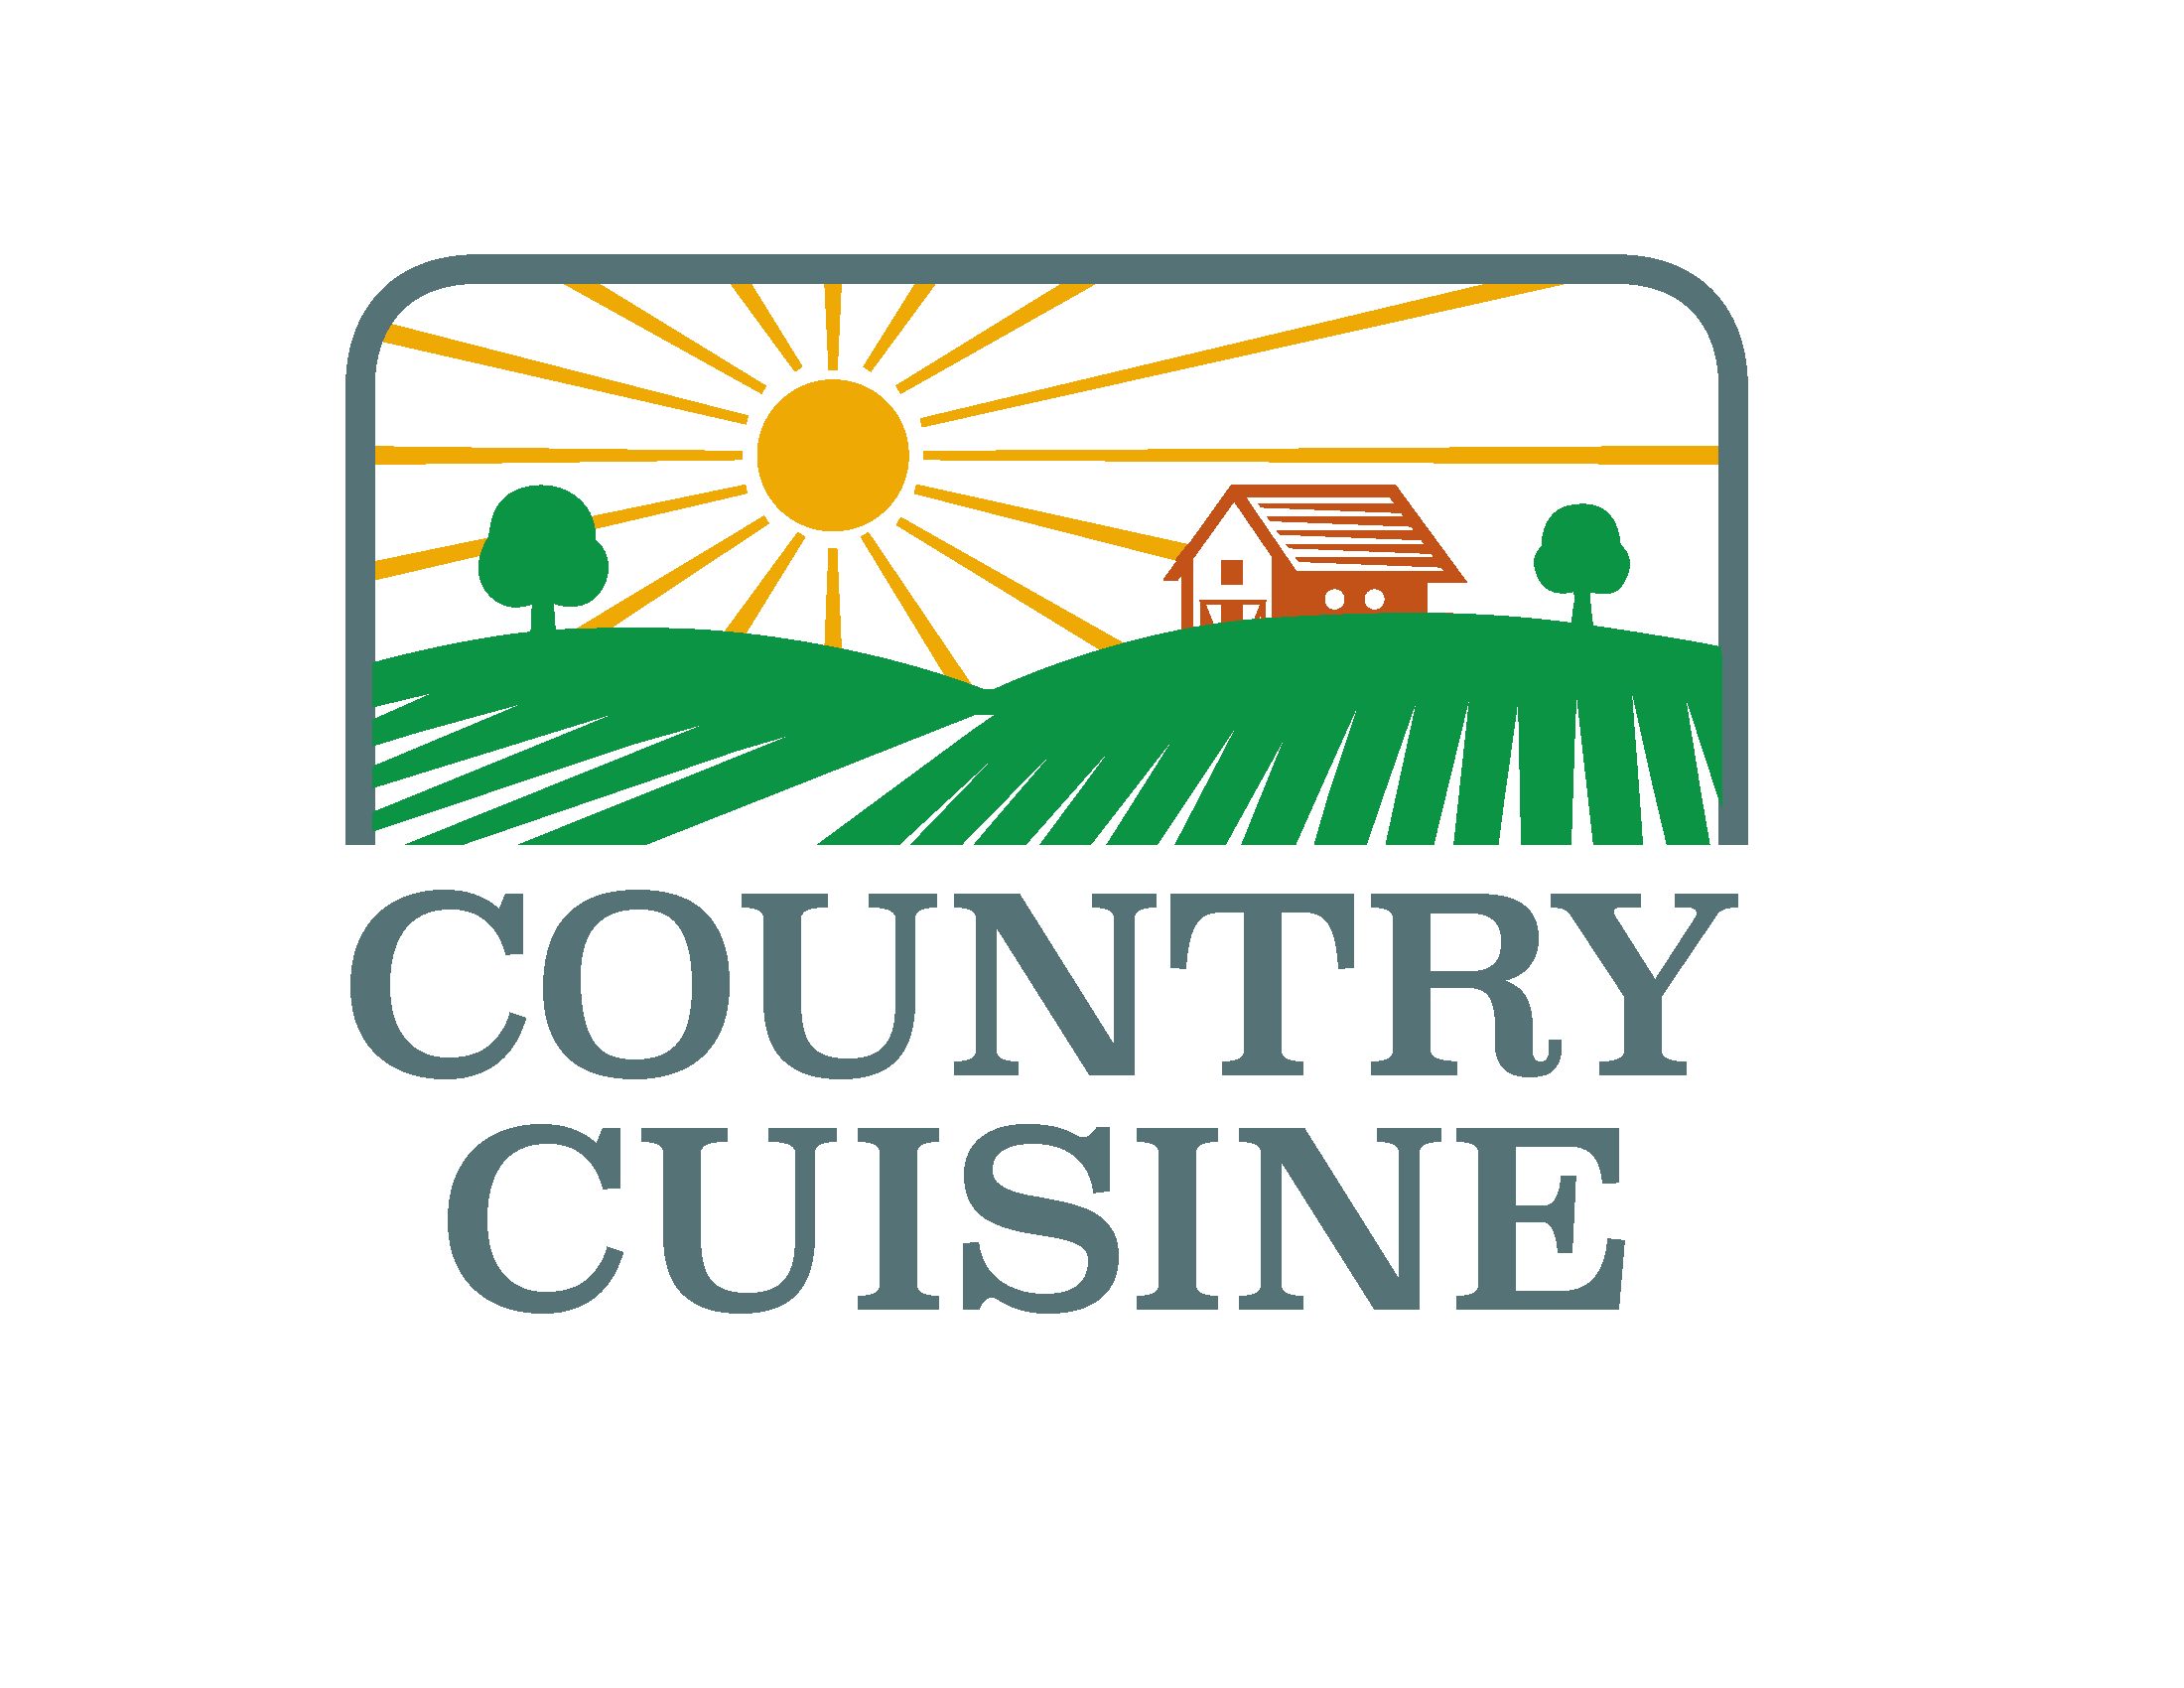 CountryCuisine_FinalLogo.png